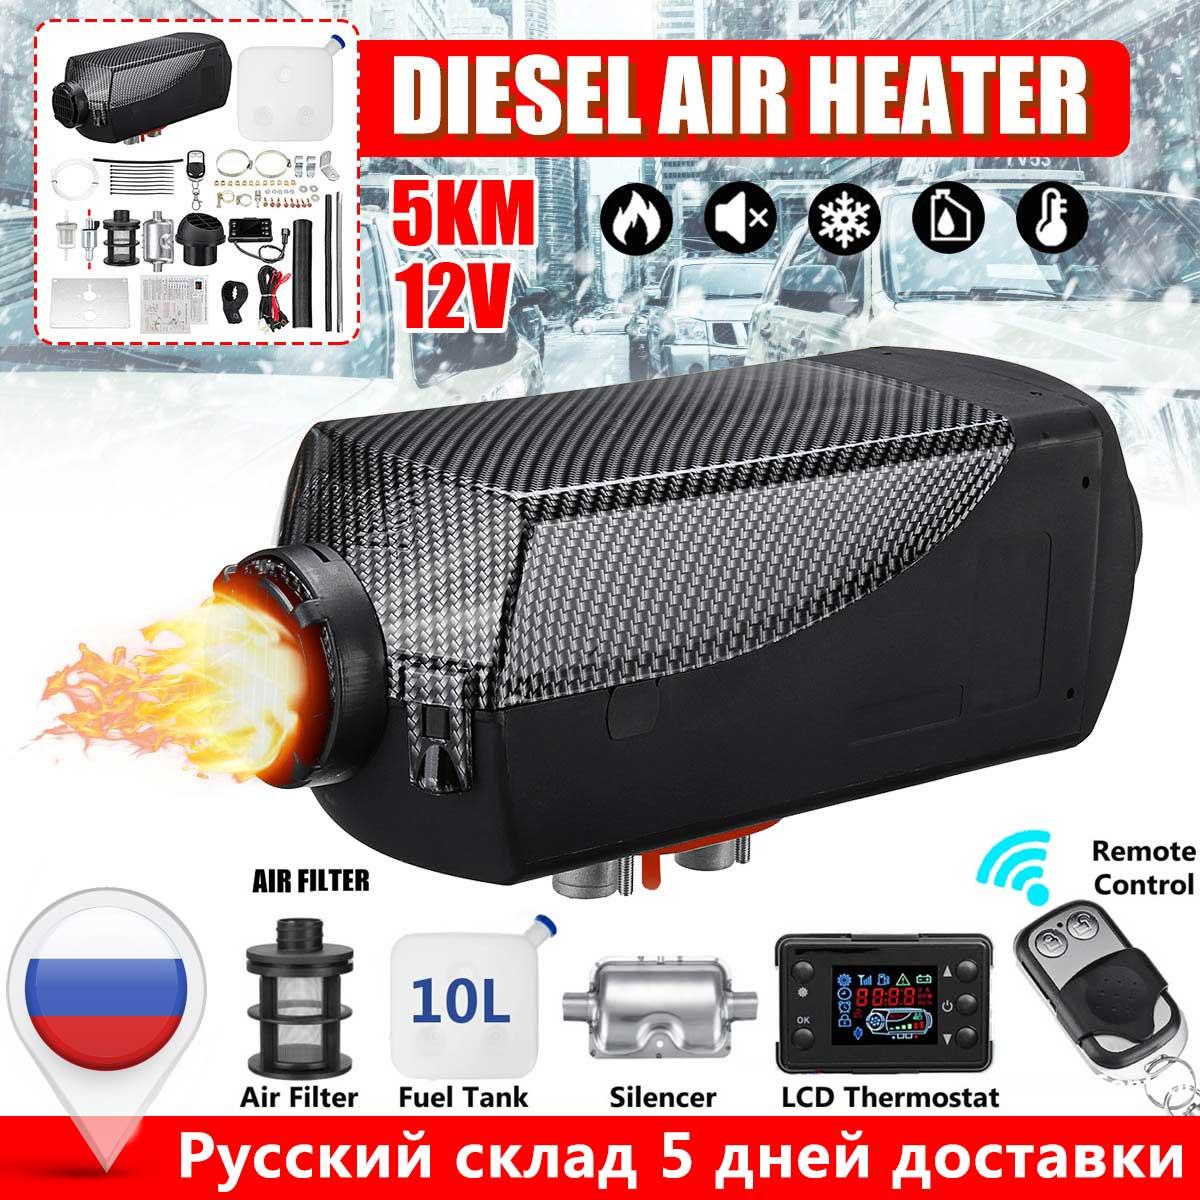 Auto Riscaldatore 12 V 5000 W Modello di Carbonio Aria Diesel di Riscaldamento a Combustibile Singolo Foro Con Telecomando Silenziatore 10L Serbatoio 5Kw per I Camion Barche Ecc